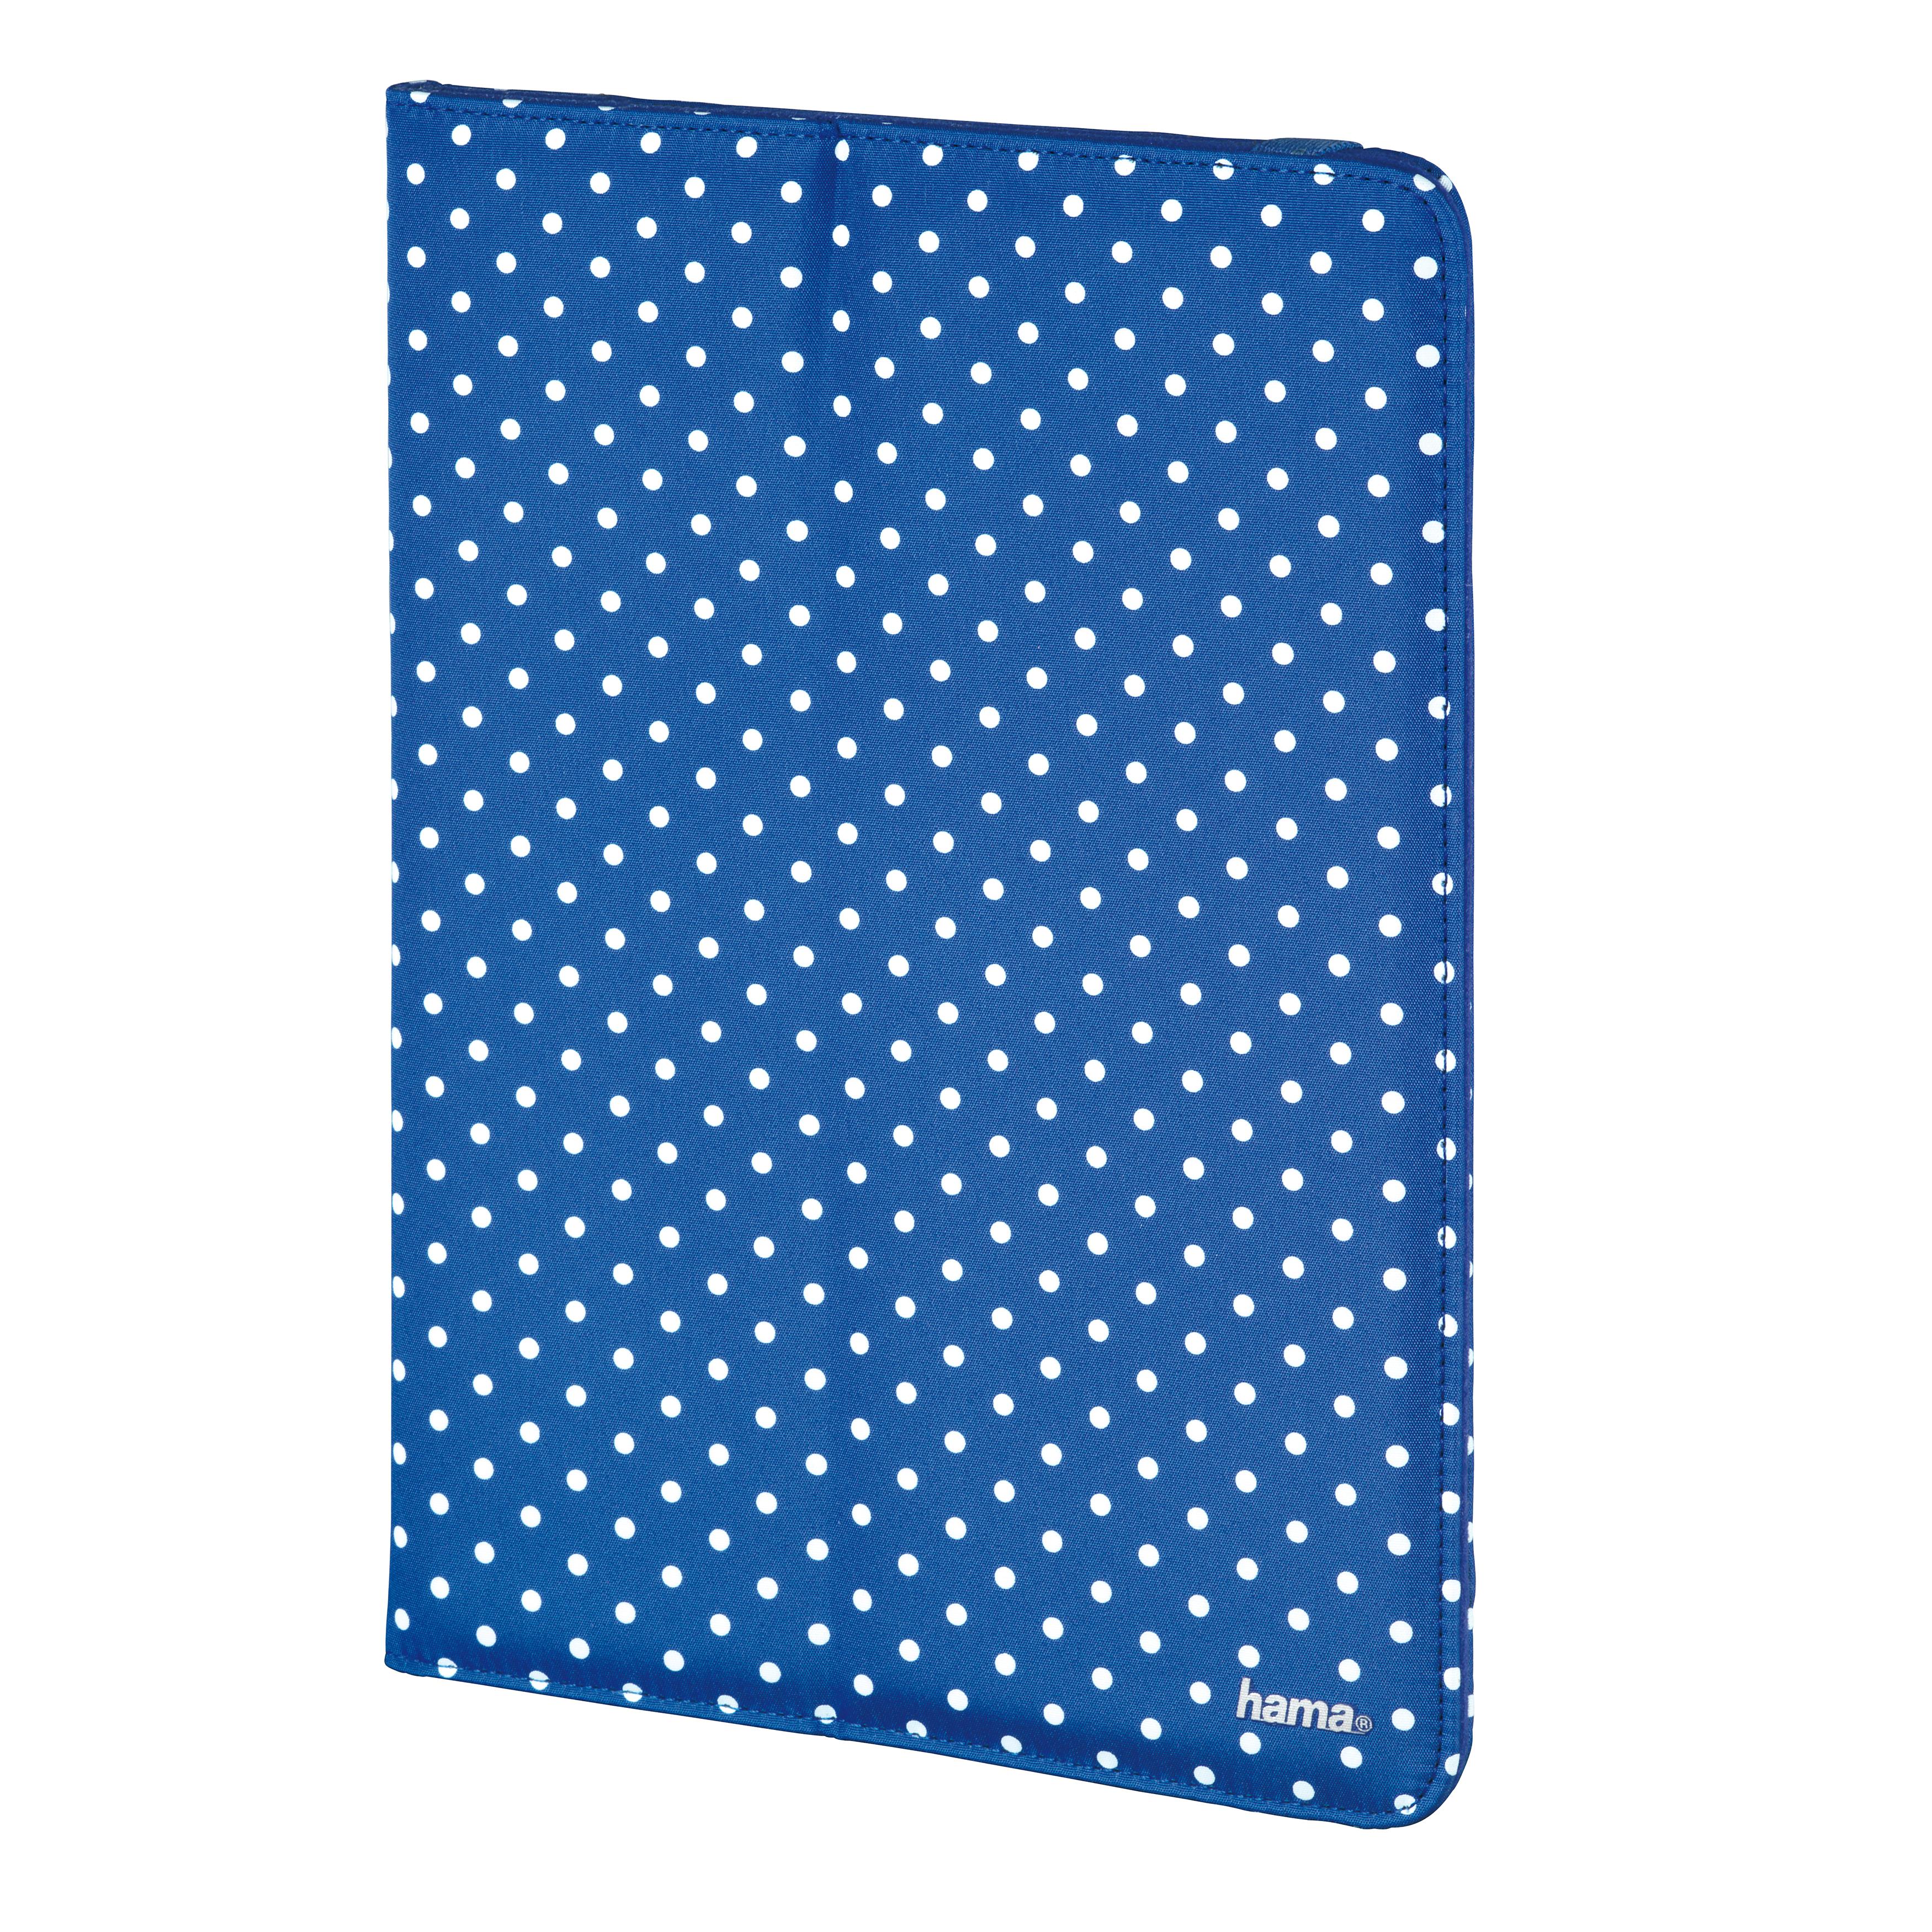 """Billede af HAMA Tablet Cover 9-10"""" Blå med prikker"""